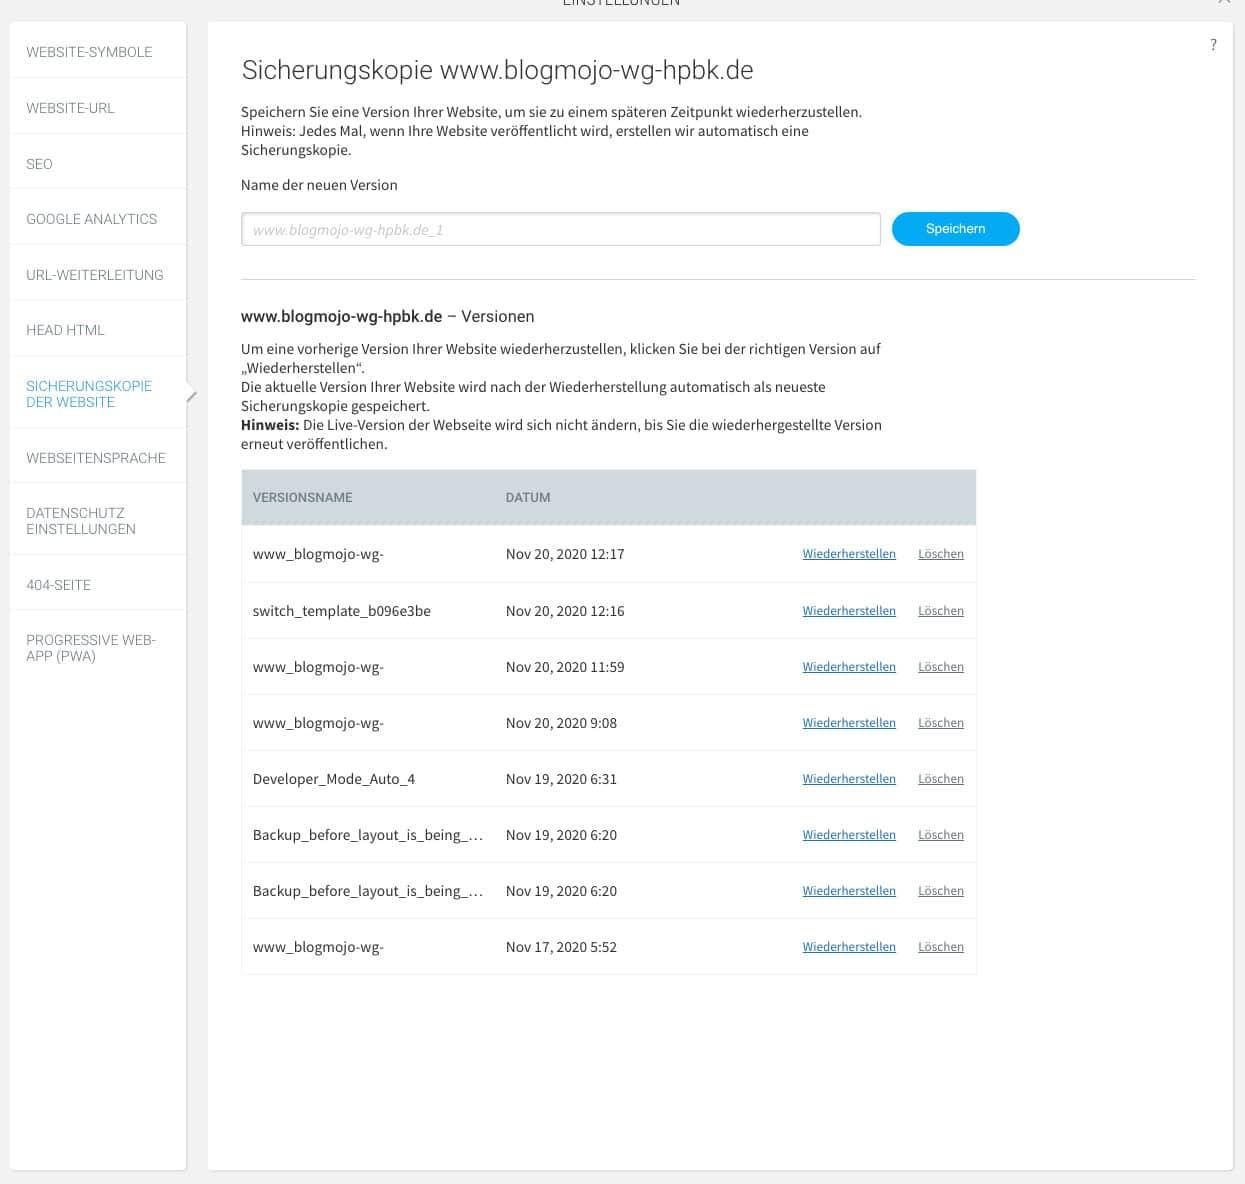 Du kannst beim webgo Homepage-Baukasten jederzeit ein Backup erstellen und dieses wiederherstellen